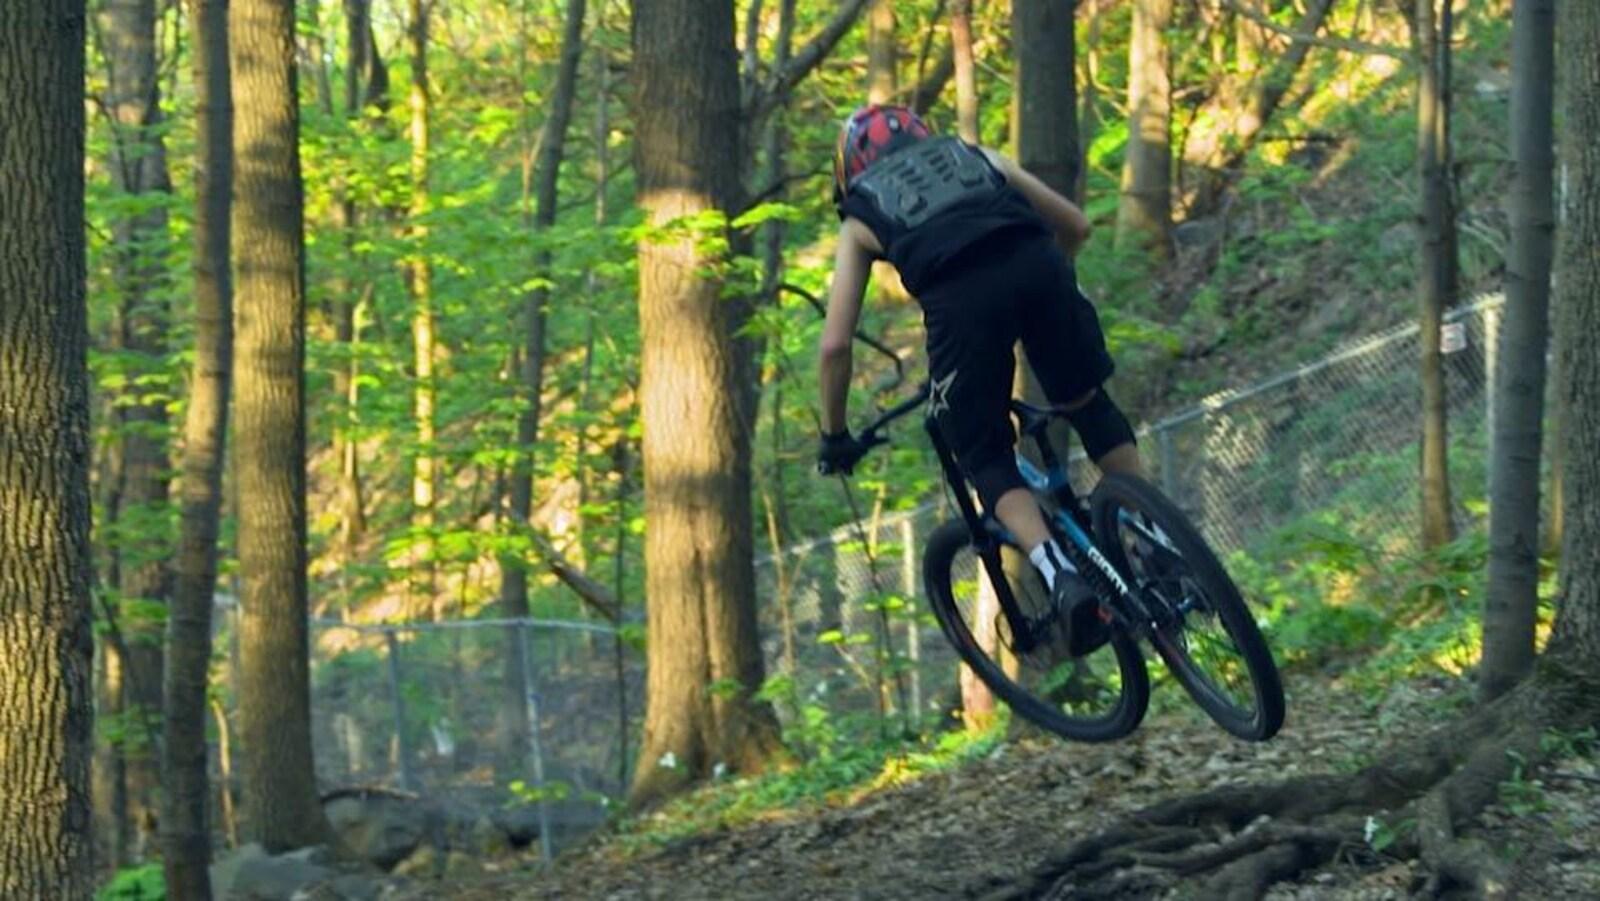 Un cycliste sur un vélo de montagne